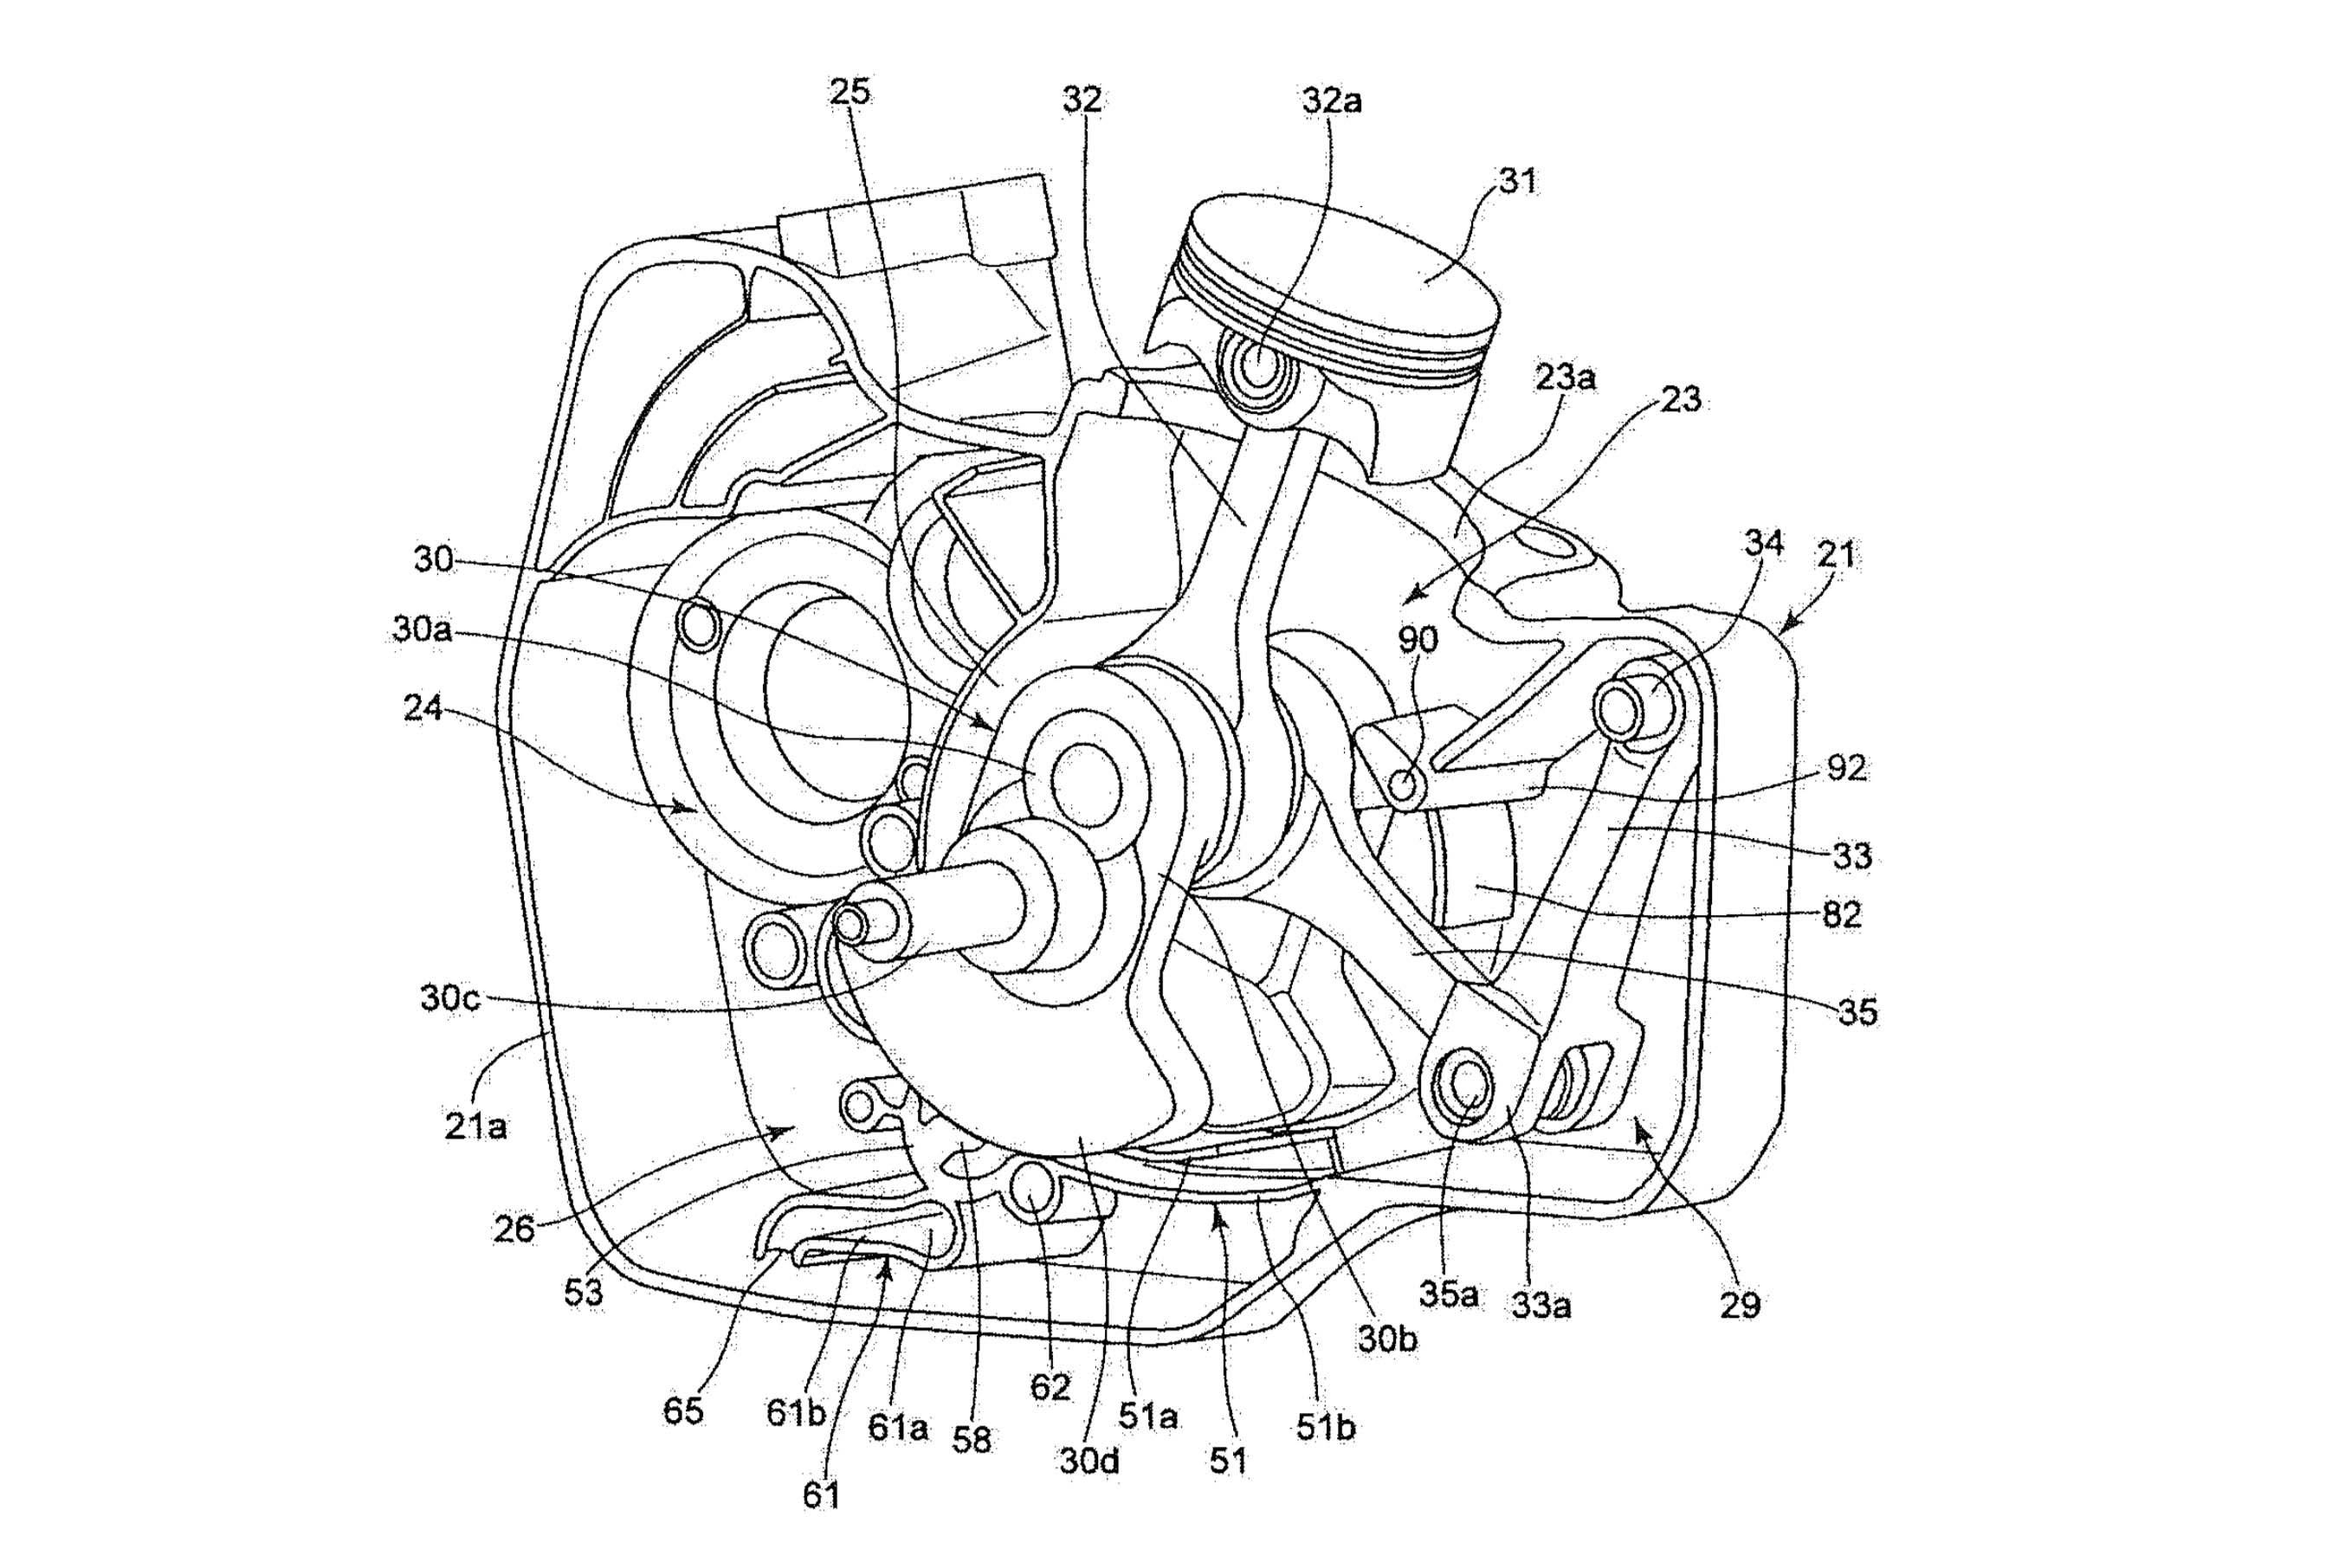 Suzuki Depose Une Serie De Brevets Pour Un Super Mono